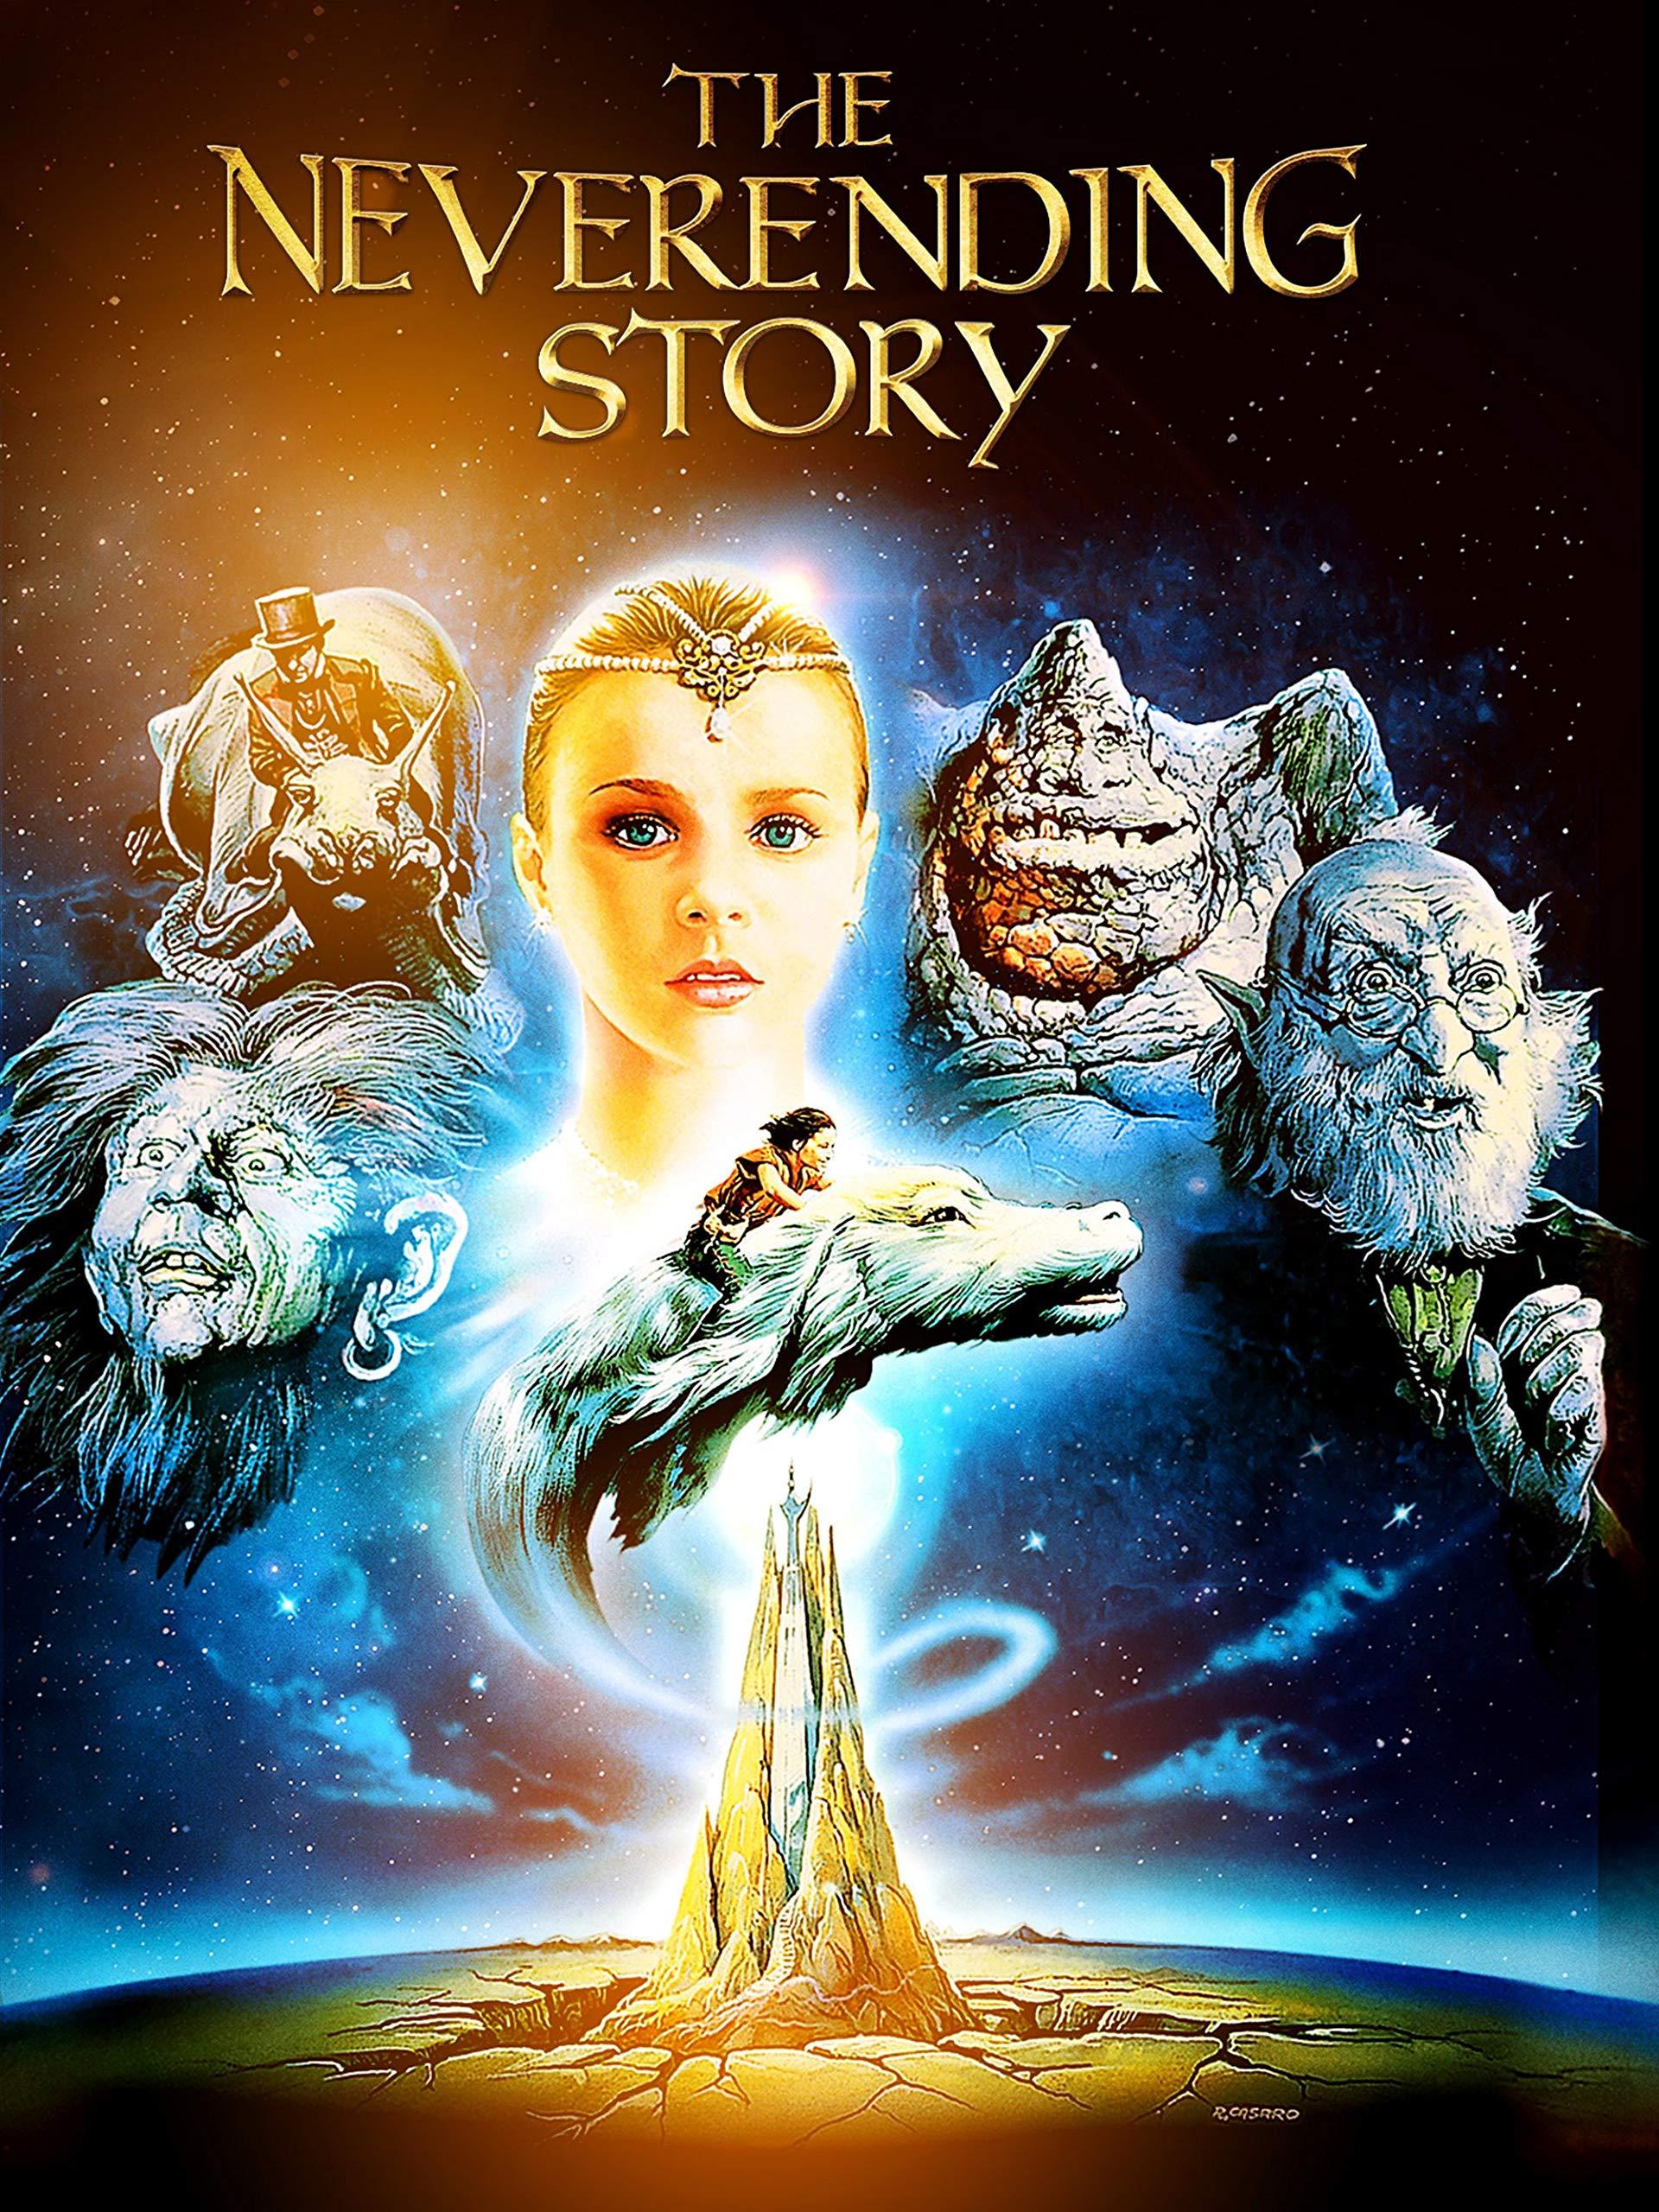 the neverending story full movie online free